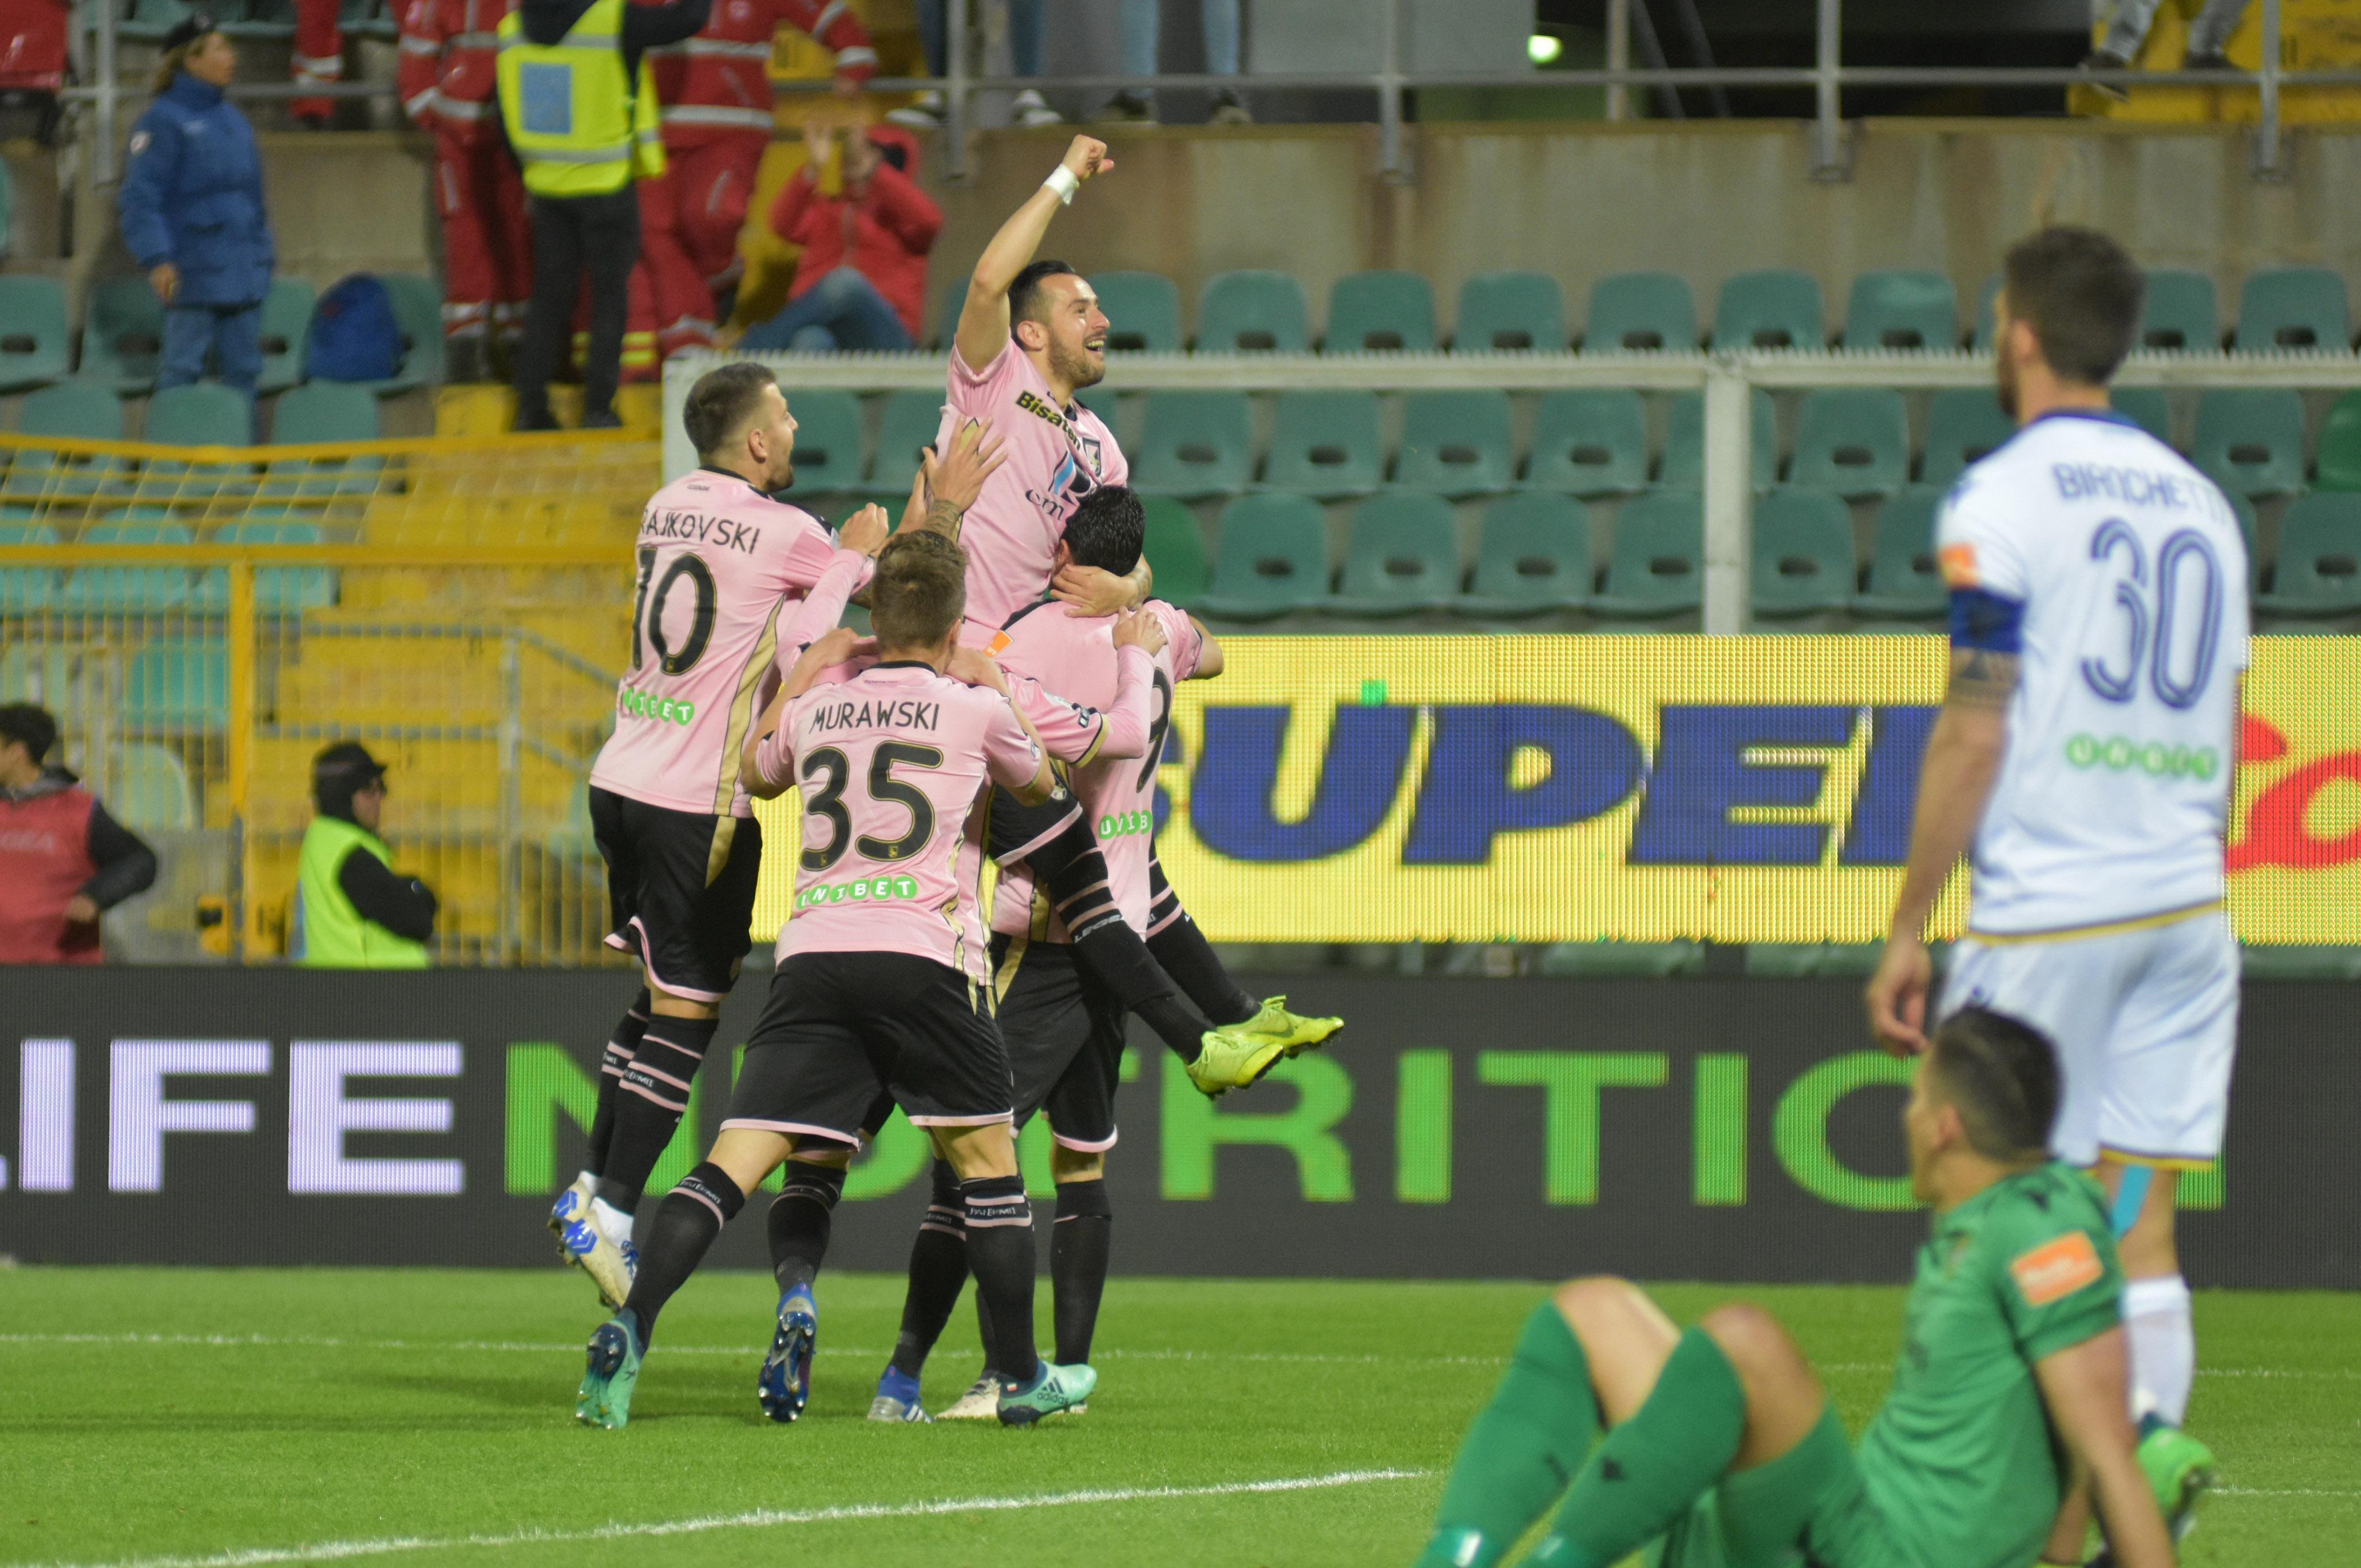 """Il Palermo conquista tre punti d'oro. I rosa battono il Verona grazie a un gol di Nestorovski e tornano in corsa per la promozione diretta; il Lecce è a una sola lunghezza e con una partita in più. QUI GLI HIGHLIGHTS. LEGGI ANCHE STELLONE: """"ABBIAMO DOMINATO. PARTITA FANTASTICA"""" LA CRONACA DEL MATCH LE PAGELLE DI GUIDO MONASTRA"""